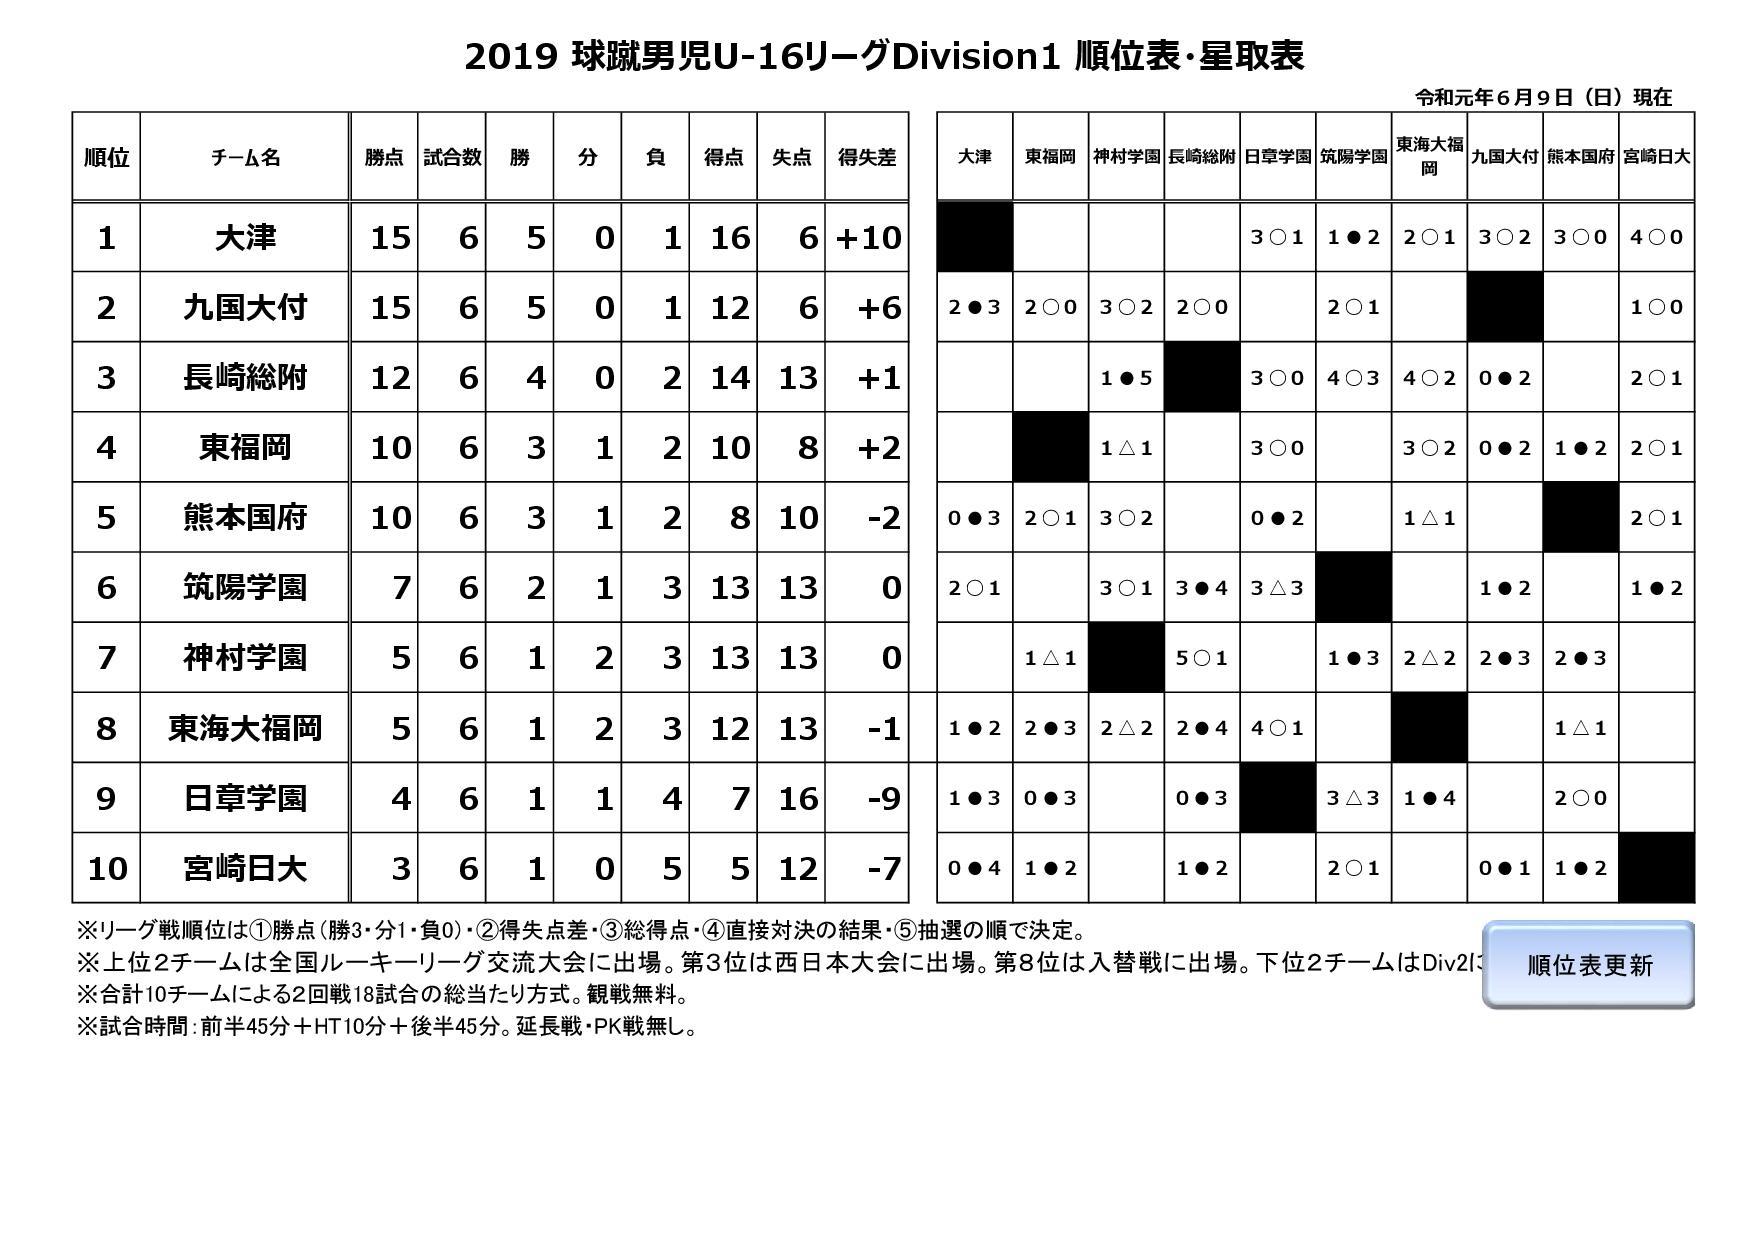 2019球蹴男児U-16リーグ